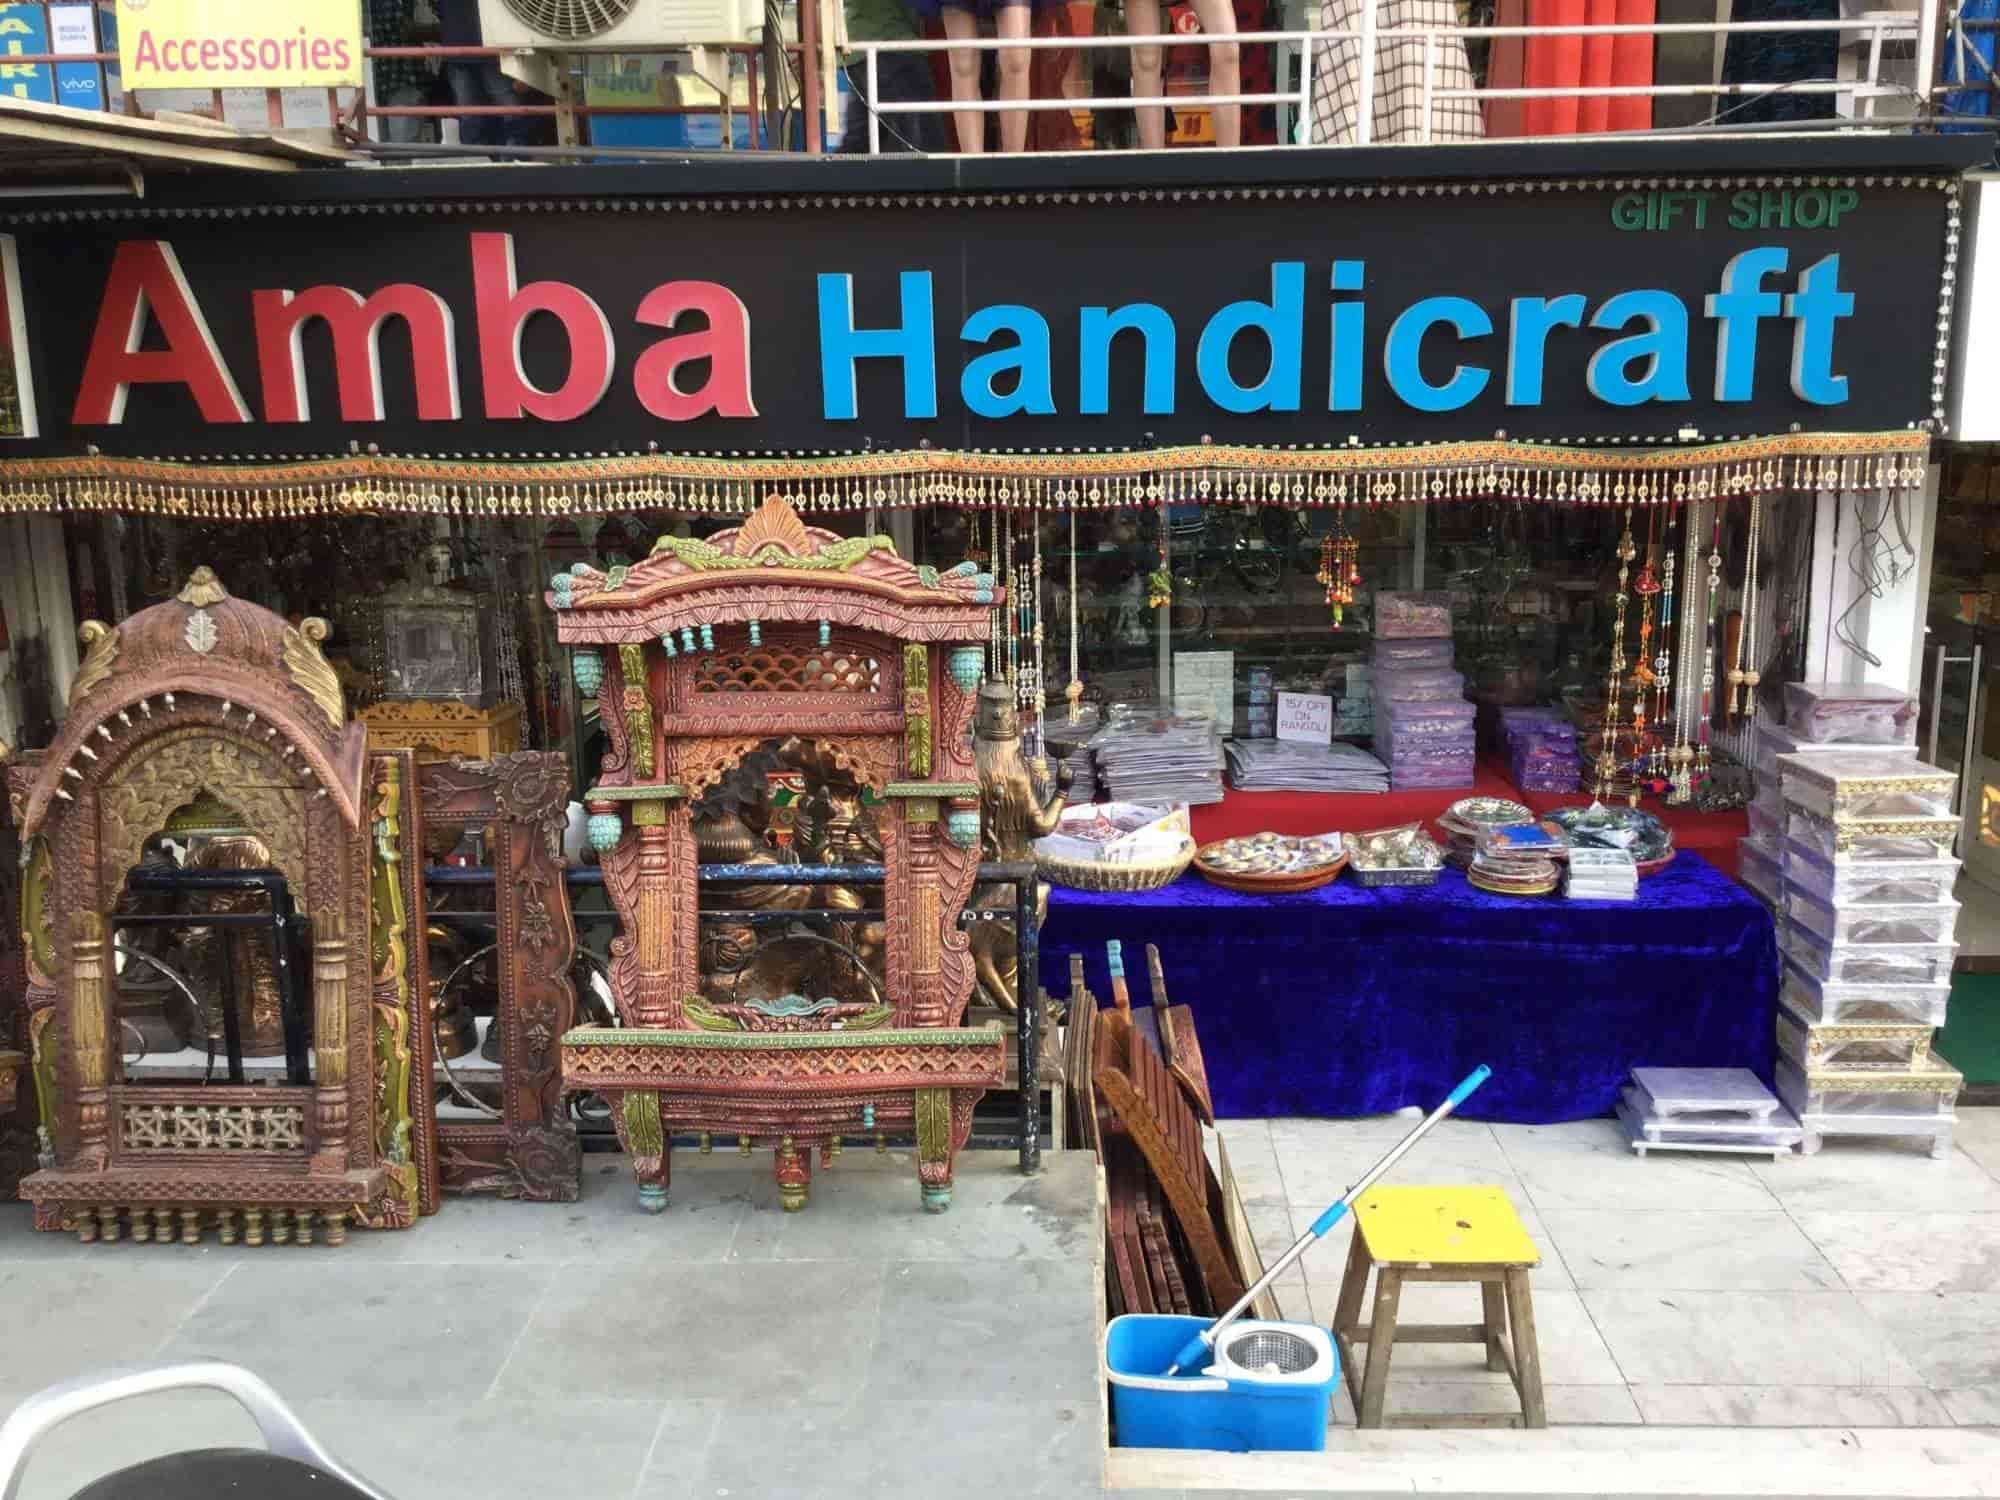 Amba Handicraft Satellite Road Handicraft Item Dealers In